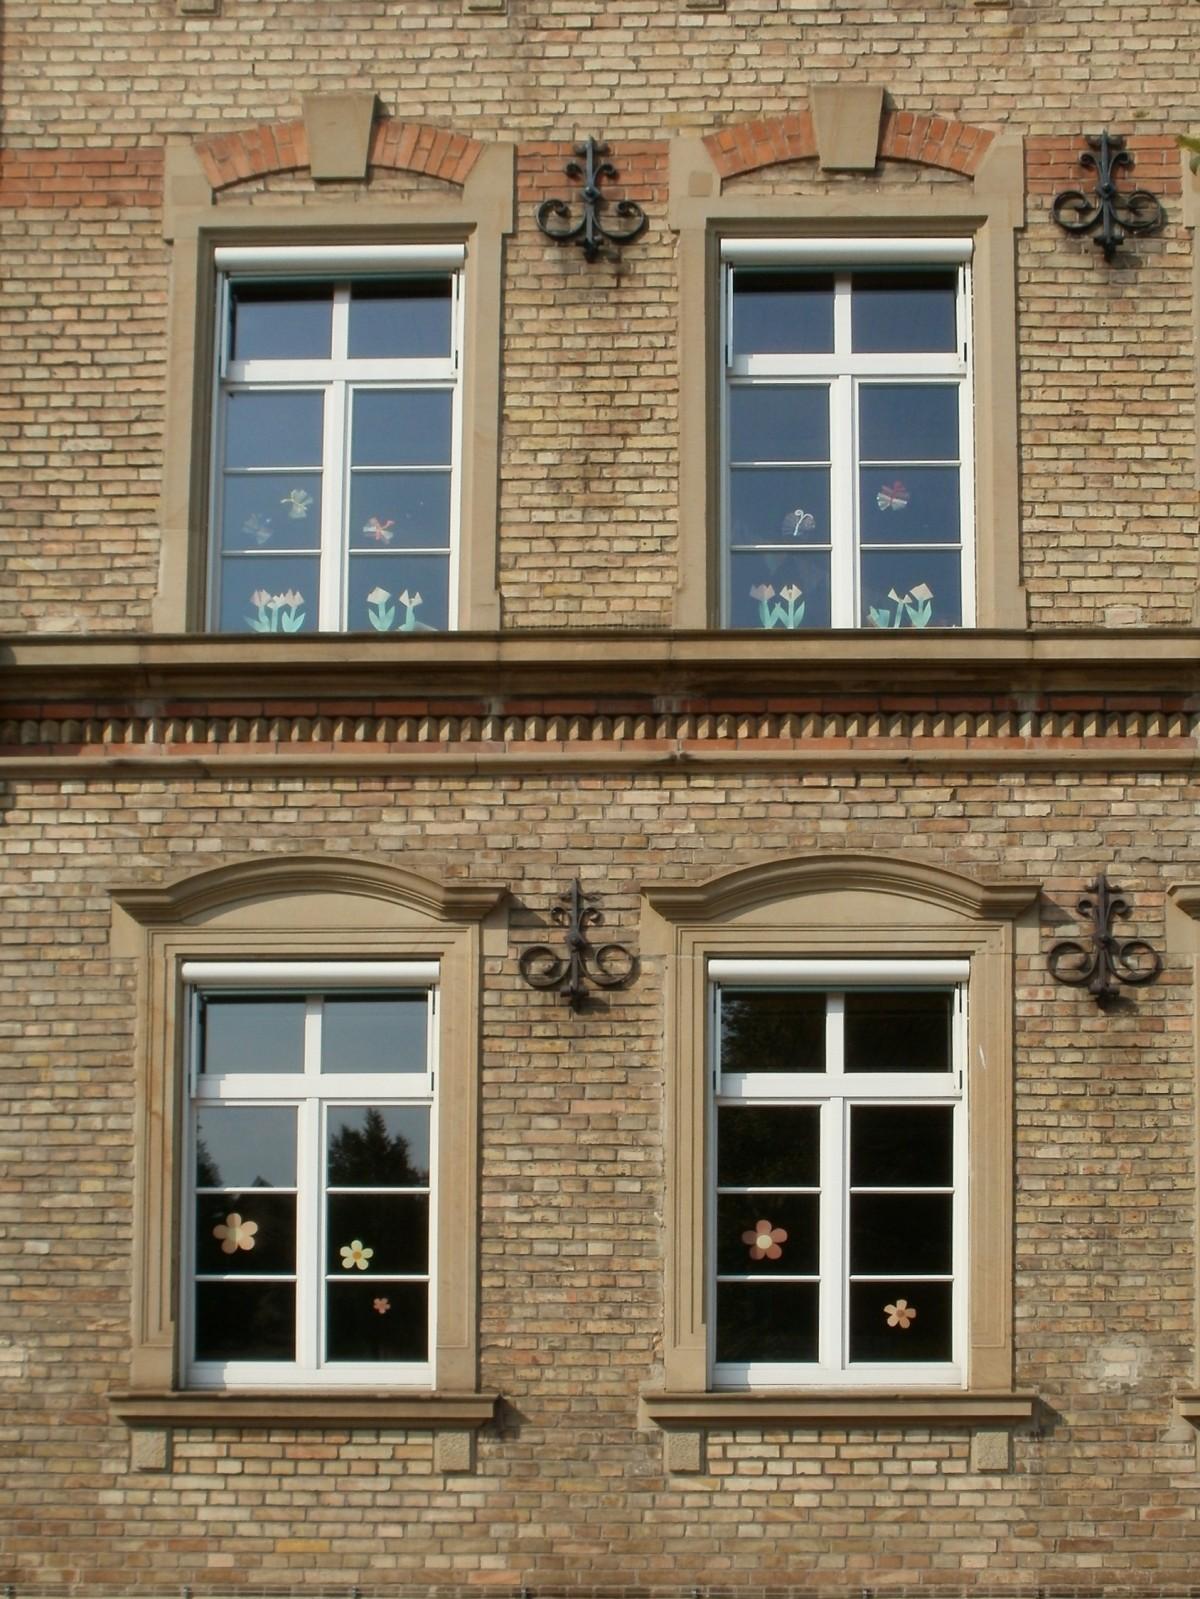 картинки окон в зданиях пожаловать